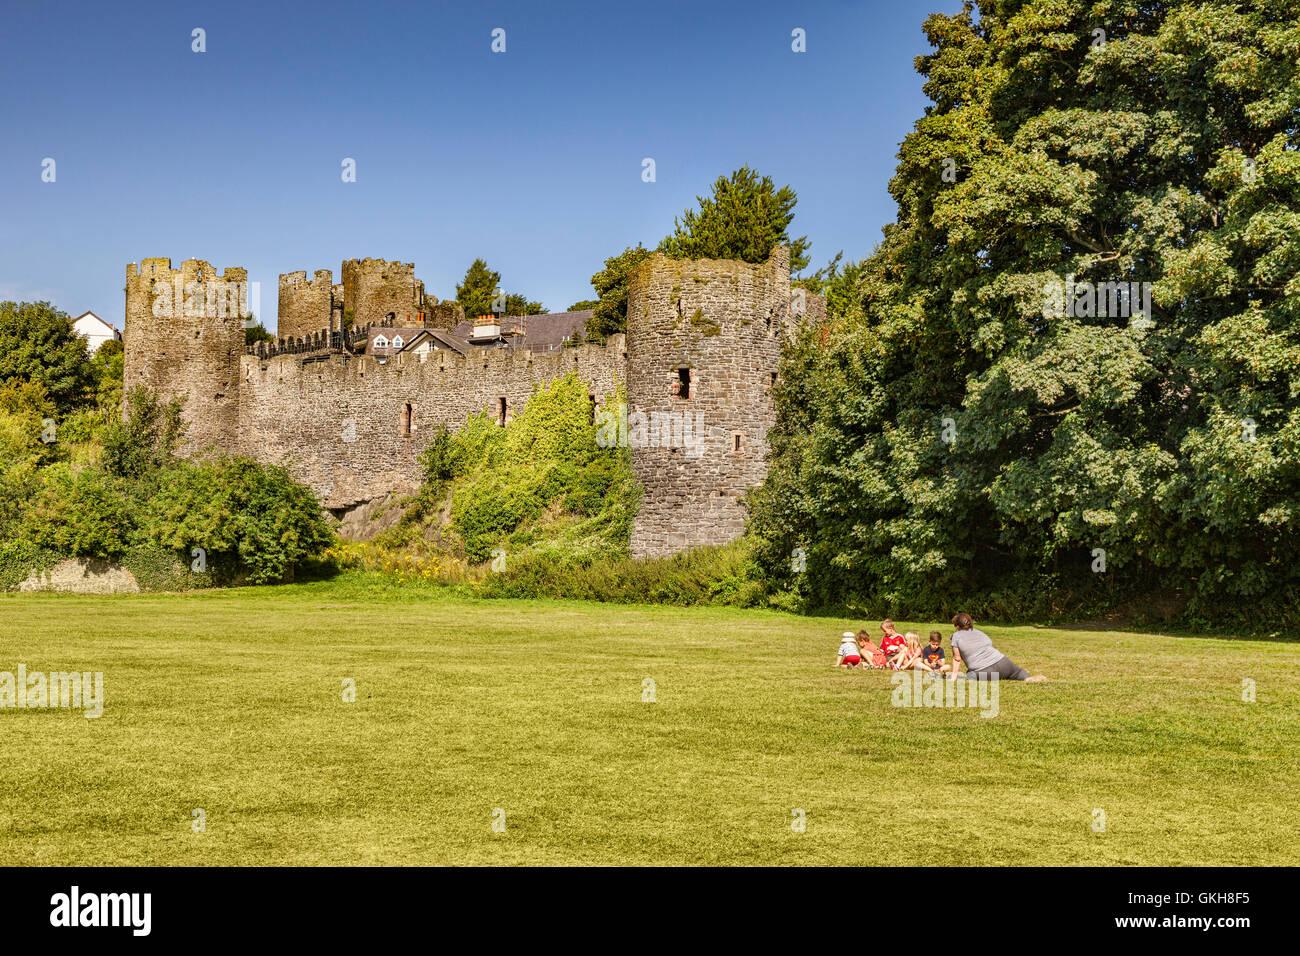 La cinta muraria medievale di Conwy, Wales, Regno Unito Immagini Stock